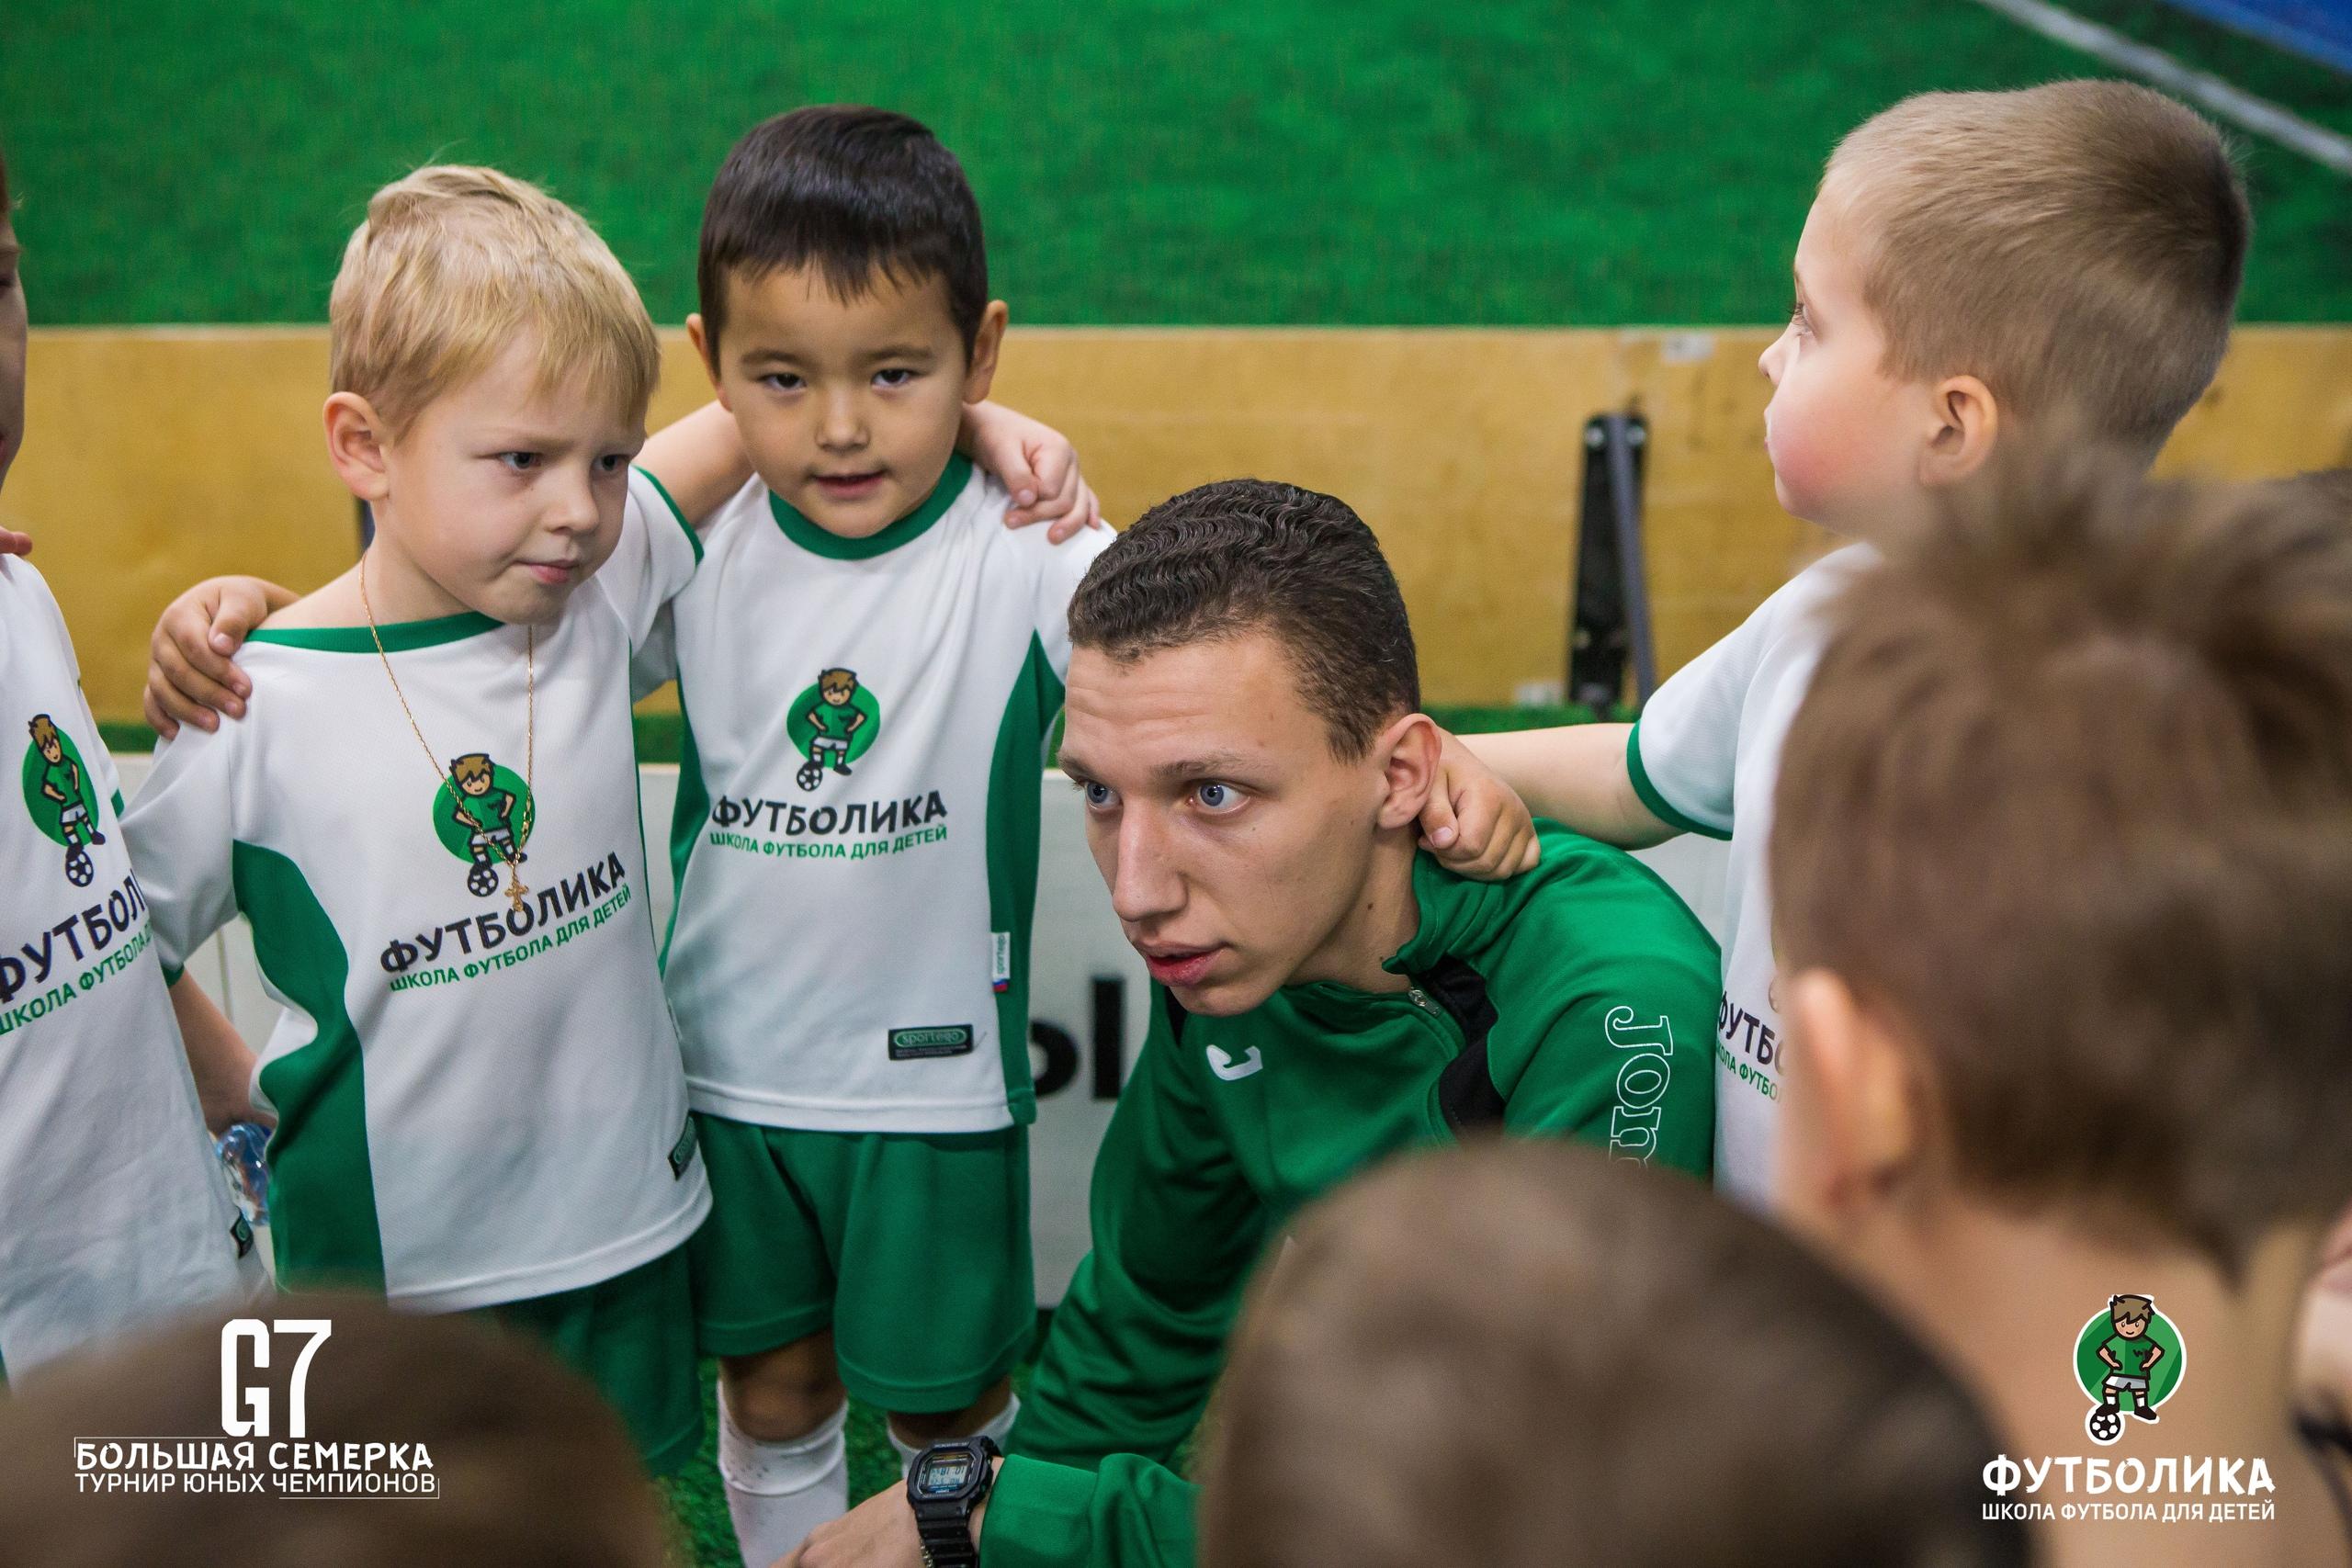 тренер футболики Крылов Олег